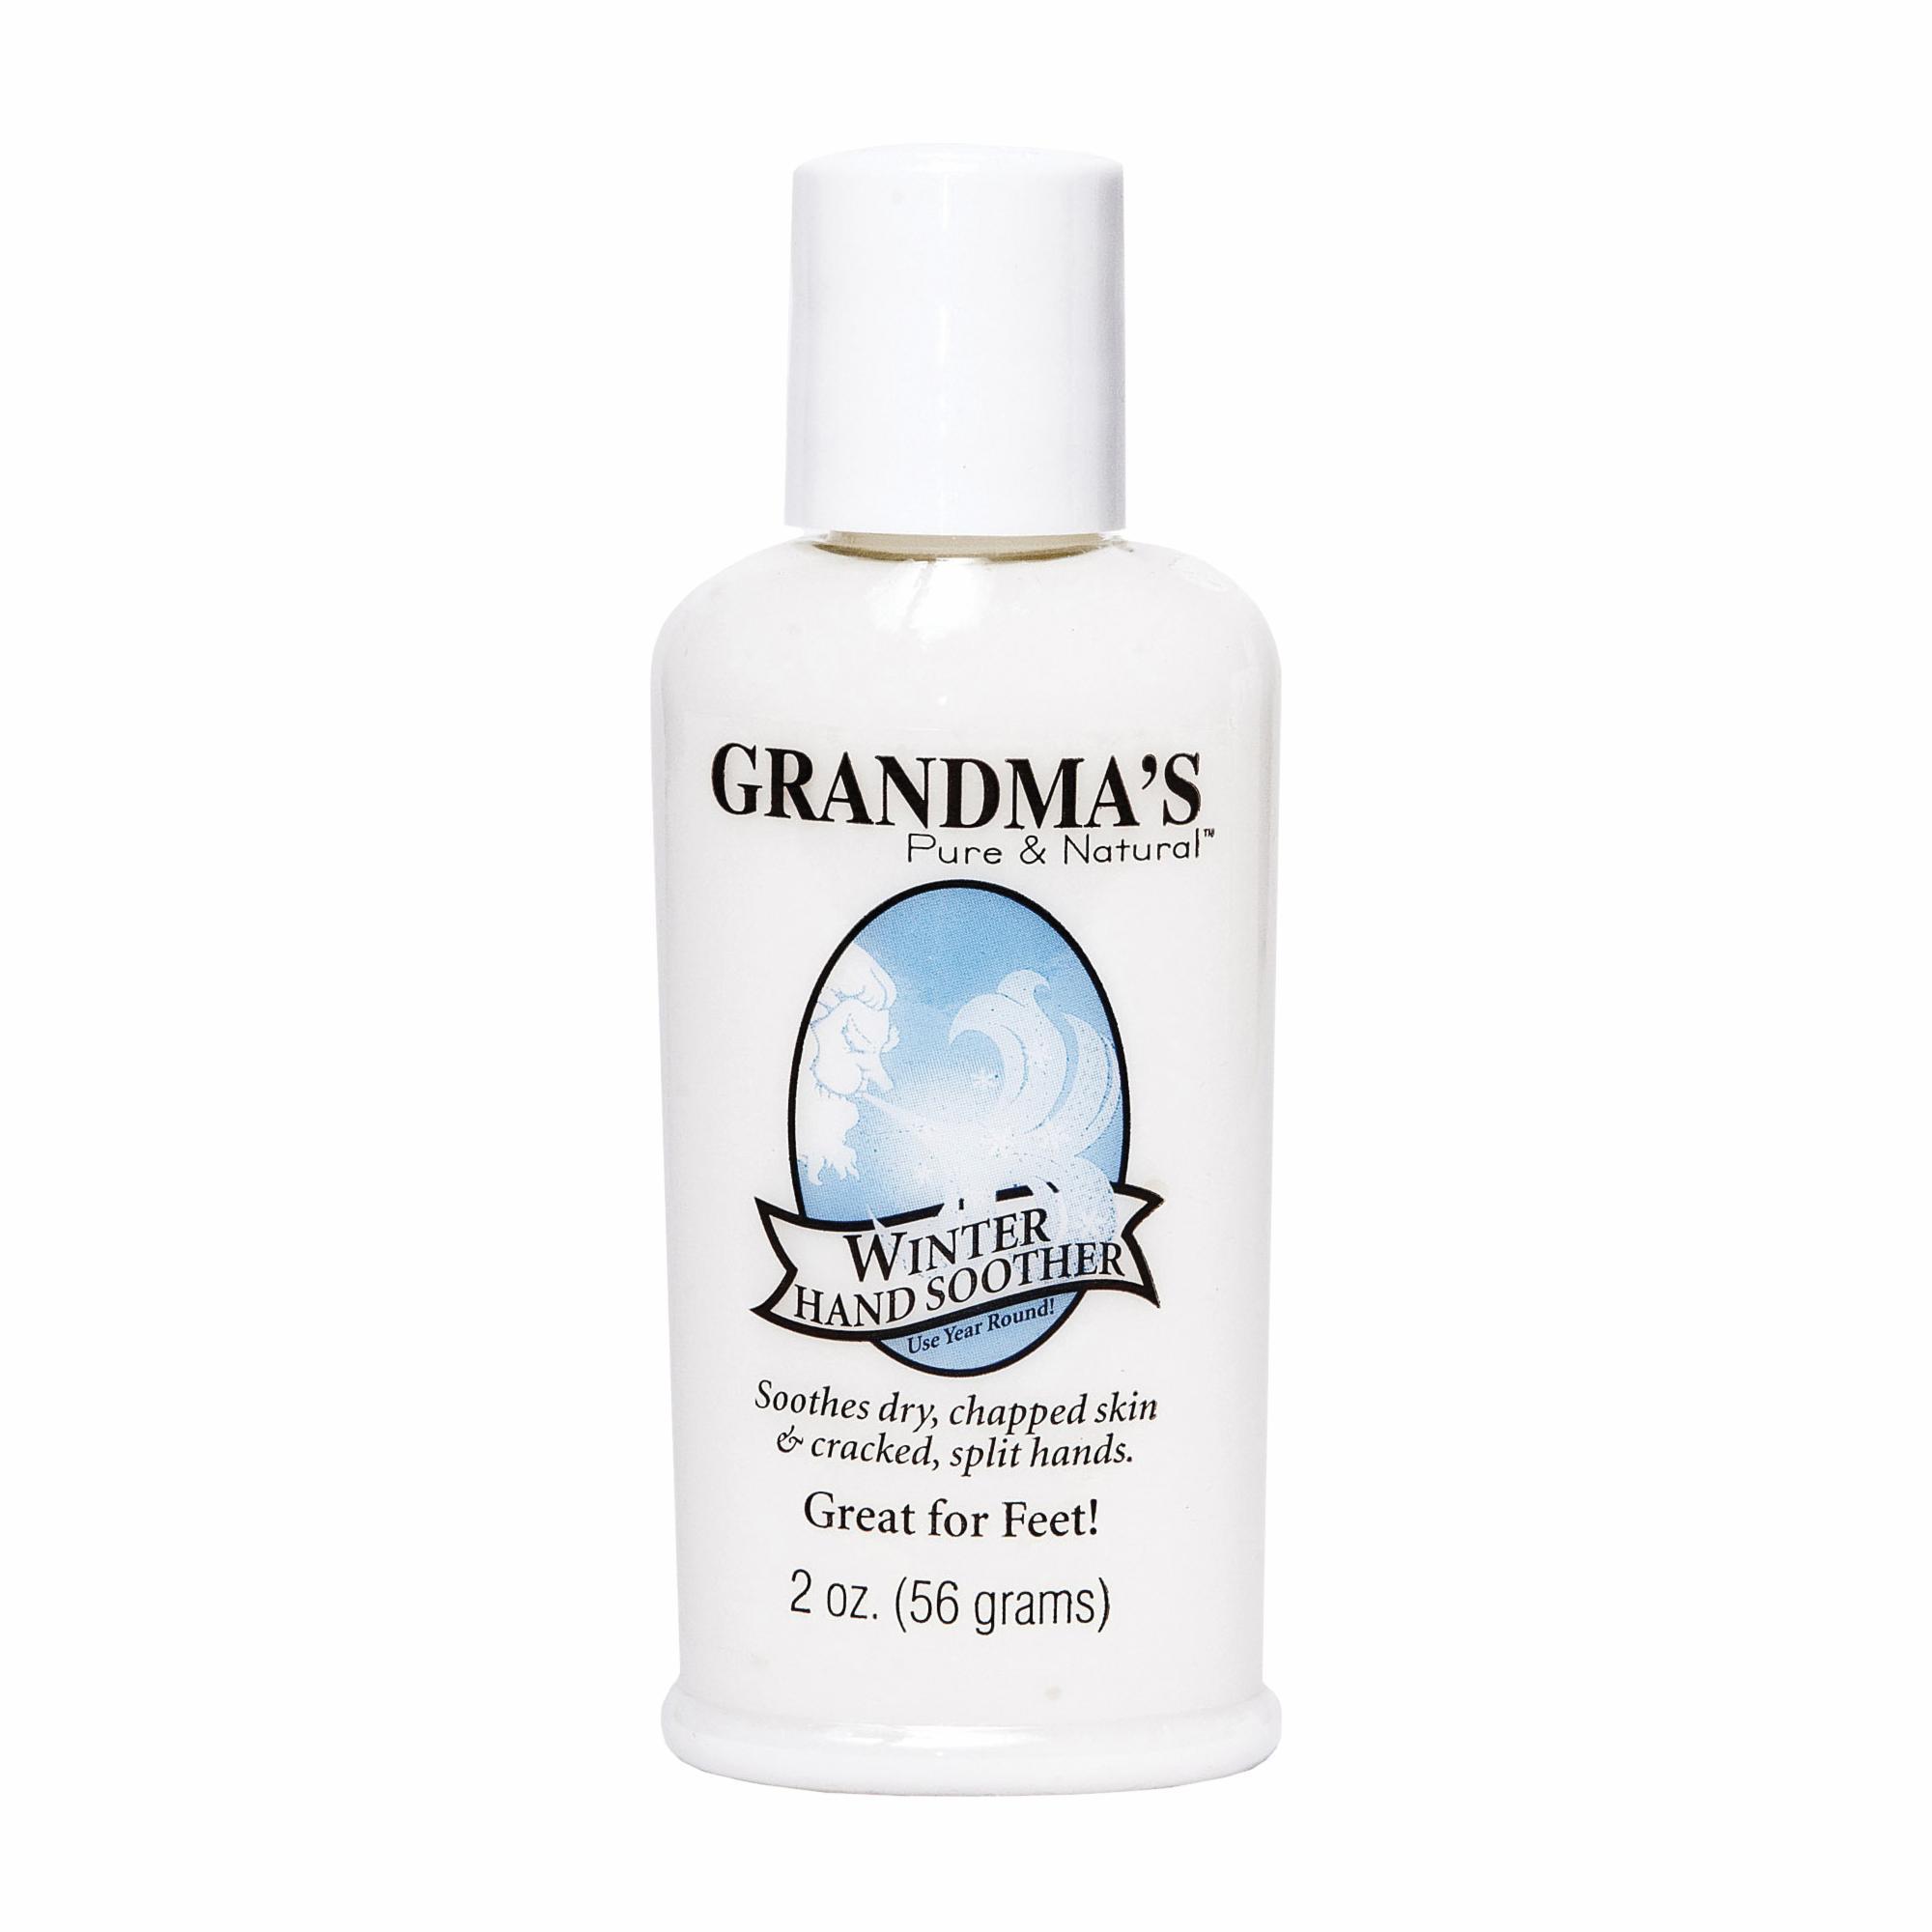 GRANDMA'S 53012